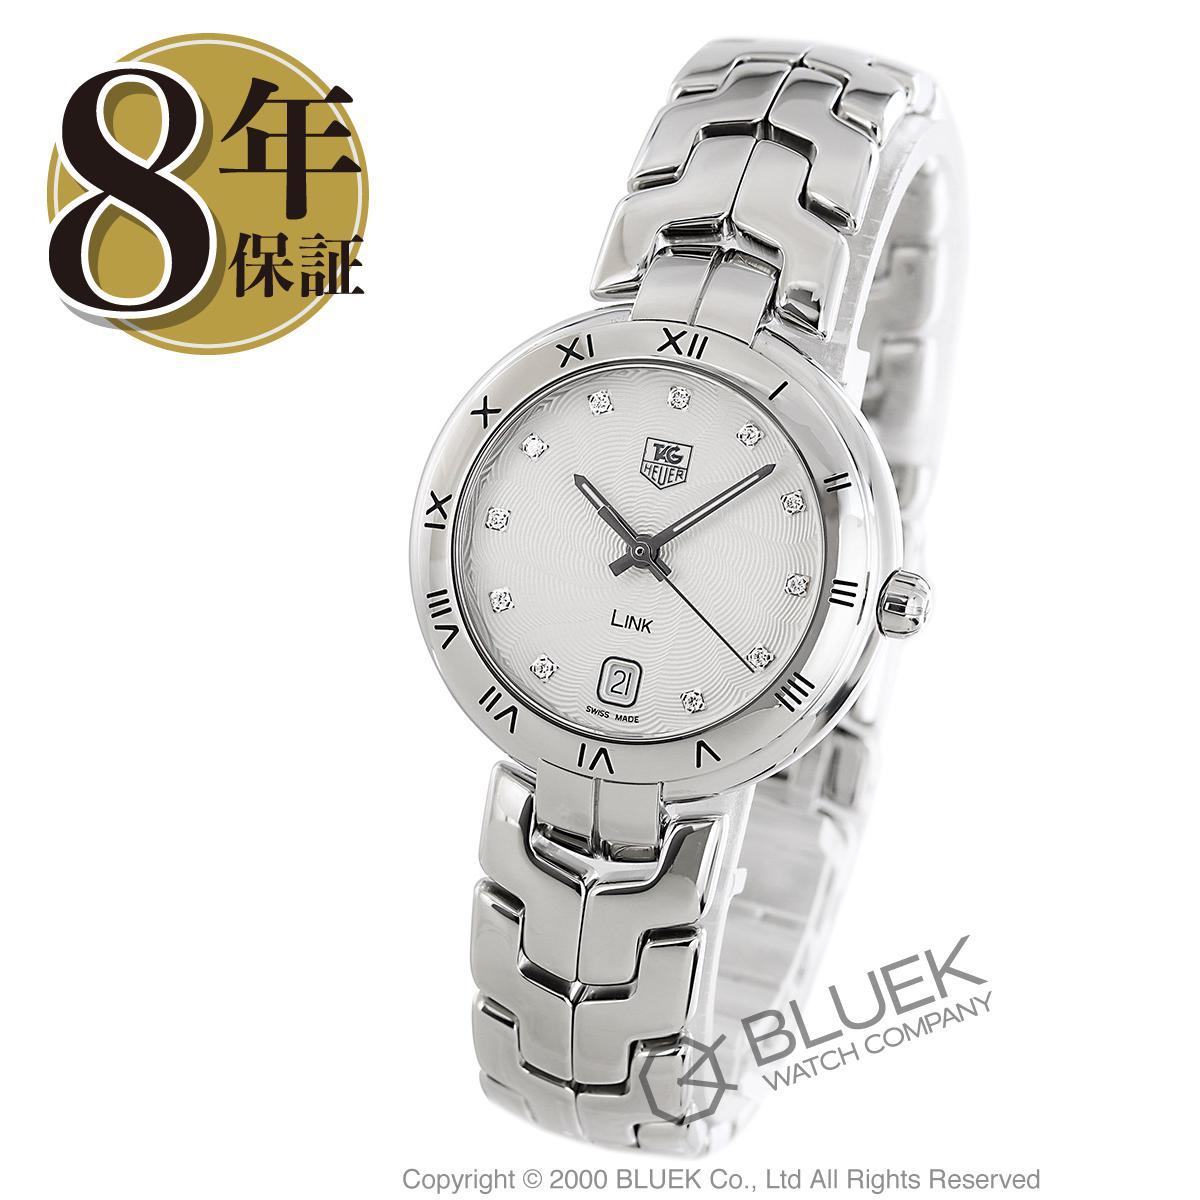 タグホイヤー リンク ダイヤ 腕時計 レディース TAG Heuer WAT1311.BA0956_8 バーゲン ギフト プレゼント